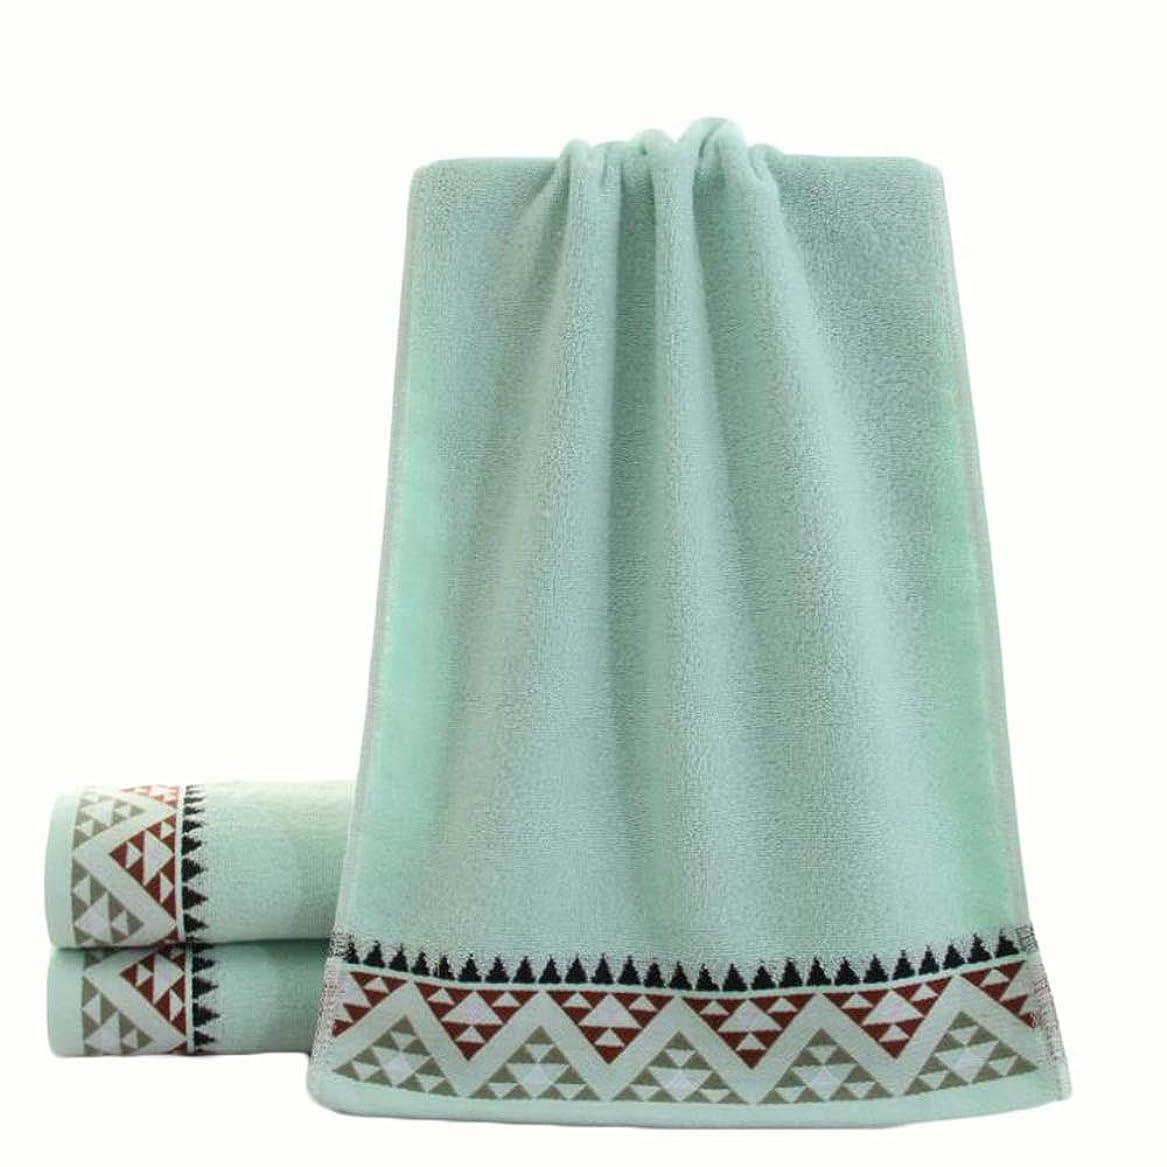 ロールマイルフリンジCXUNKK 2PCS / LOT家庭肥厚綿フェイスタオル大人カップル吸収性タオル (Color : Blue)